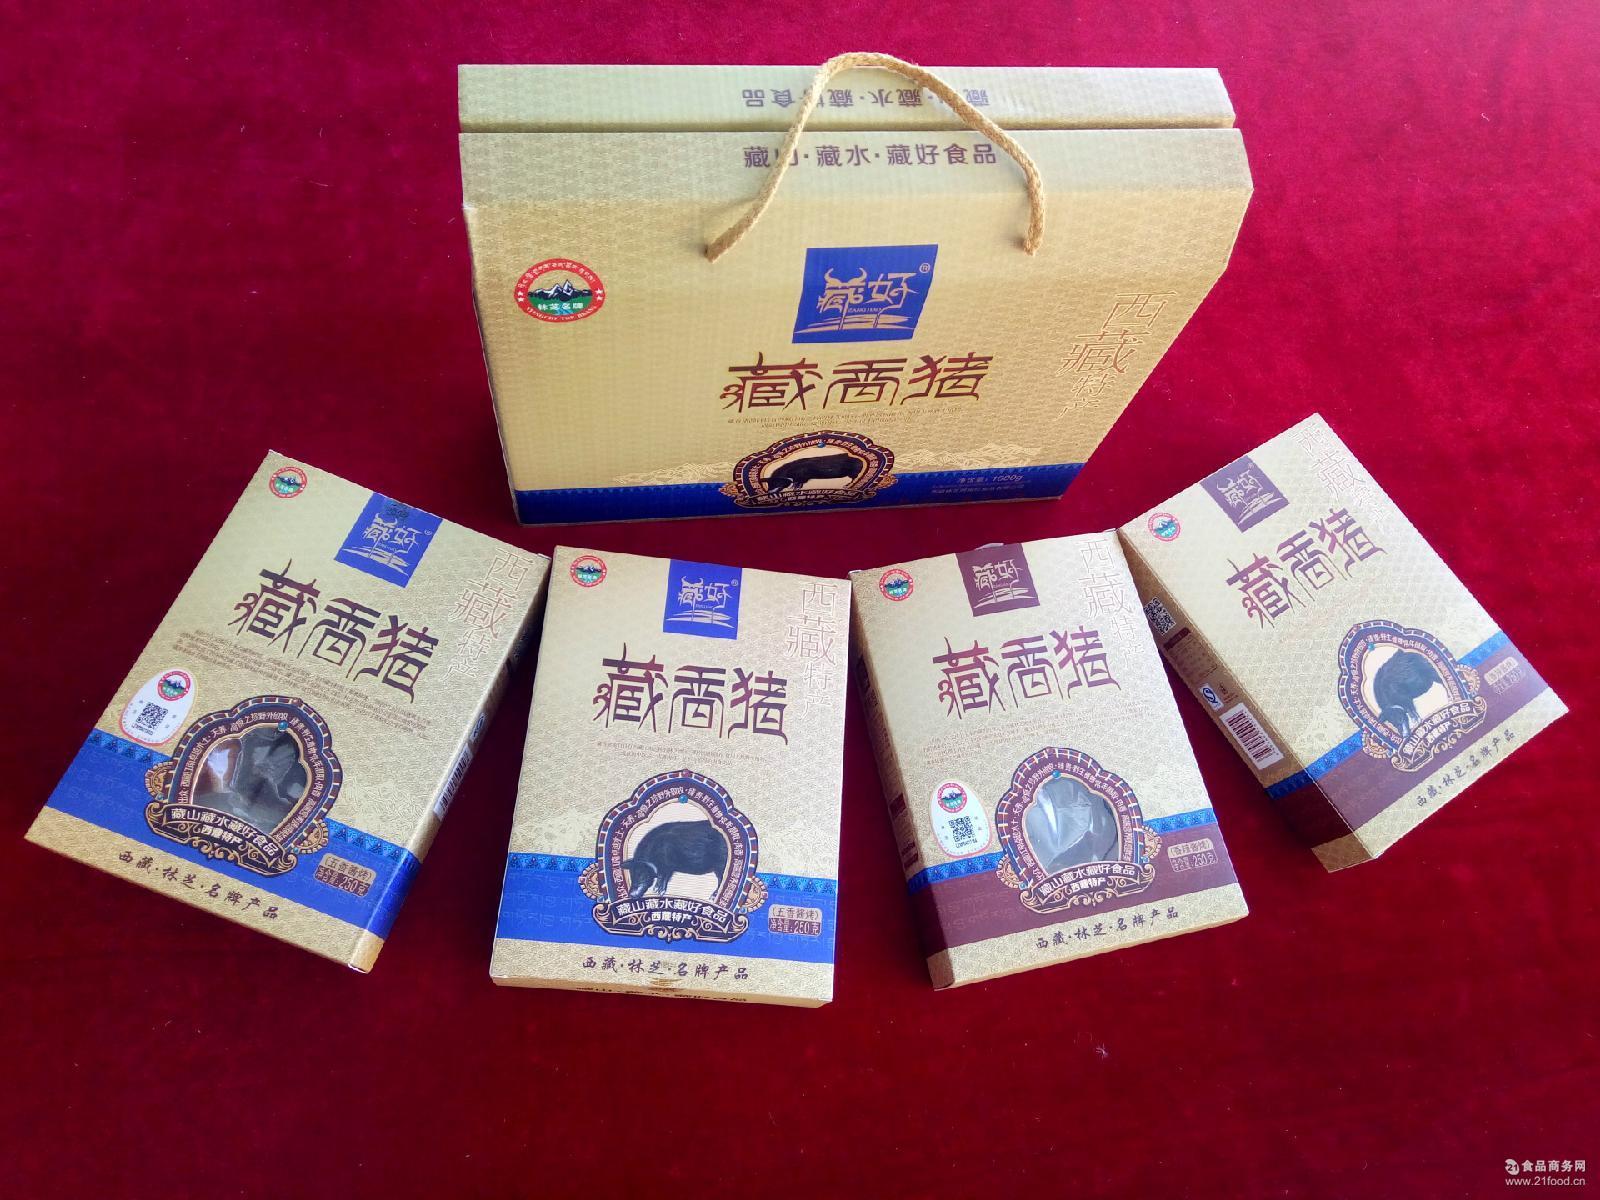 藏好酱烤西藏特产1000克礼盒食品工厂林芝特产放养可追溯藏香猪